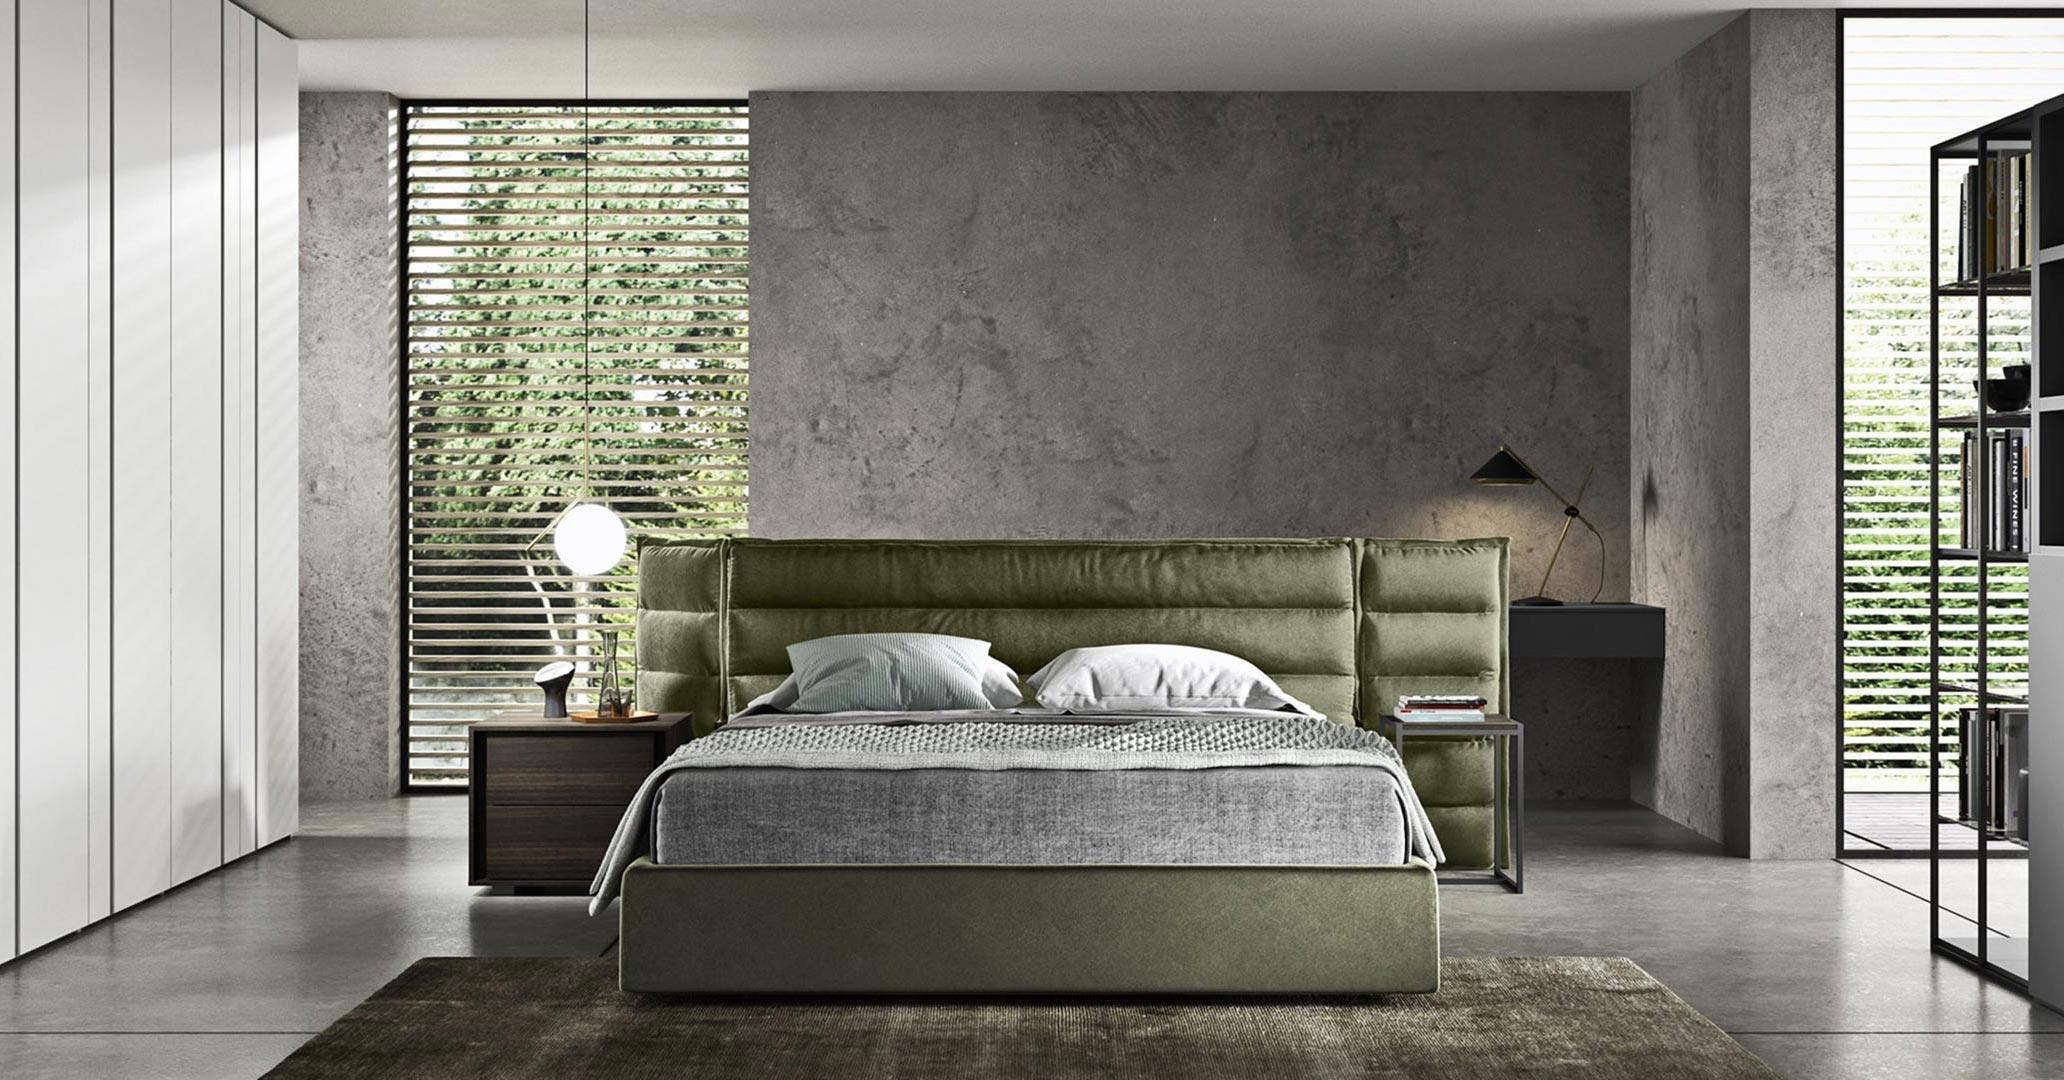 Camere Da Letto Matrimoniali Moderne arredamenti moderni di design | mab home furniture